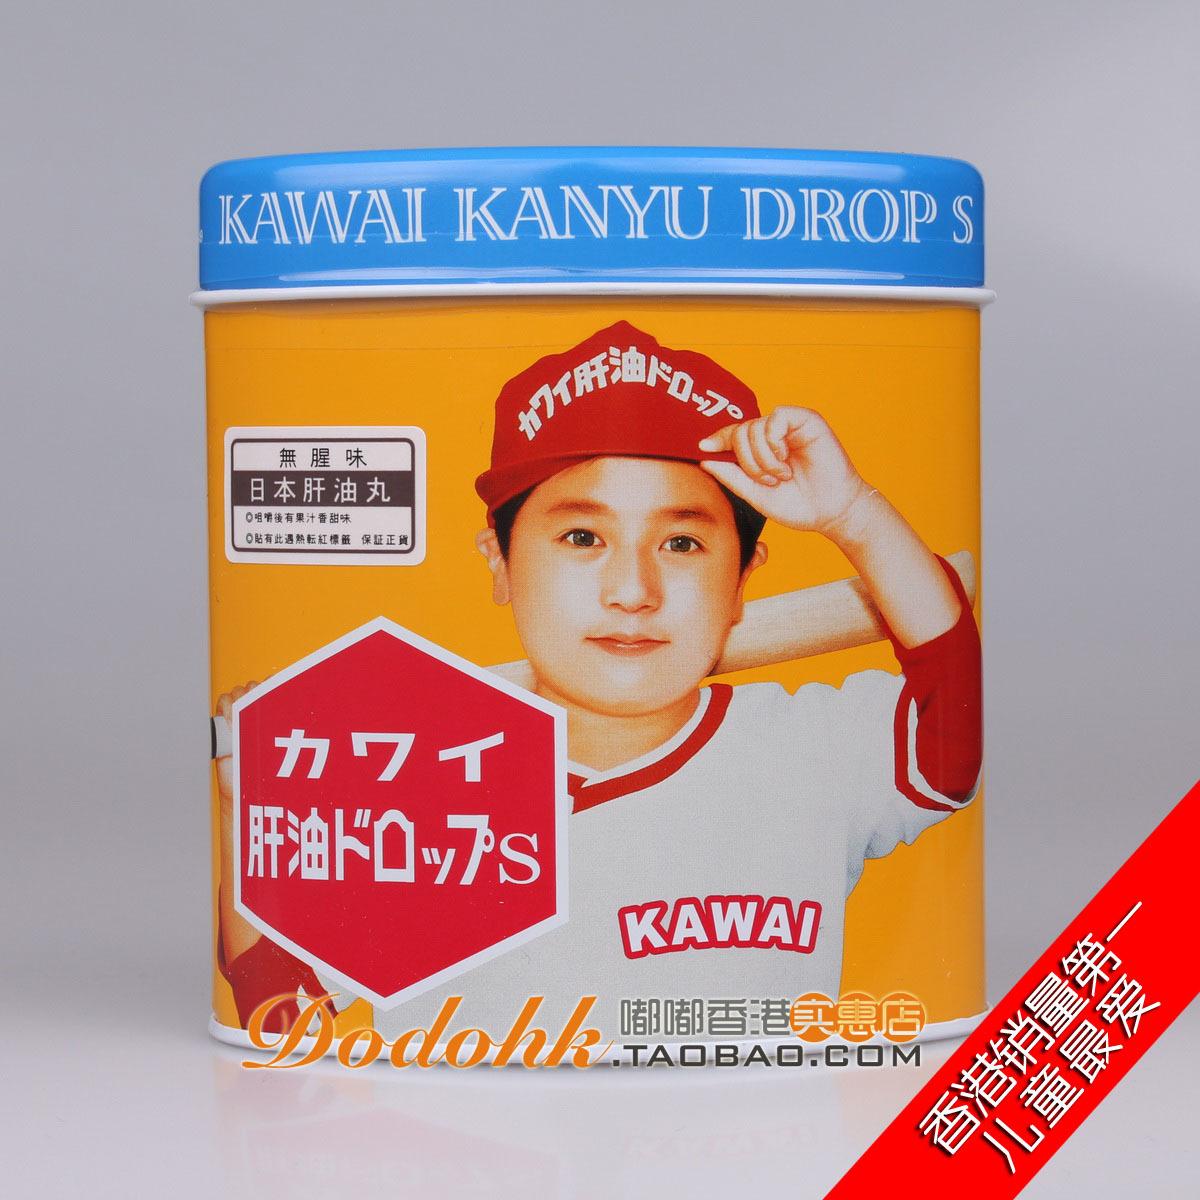 【日本·kawai】日本魚肝油 kawai – TouPeenSeen部落格